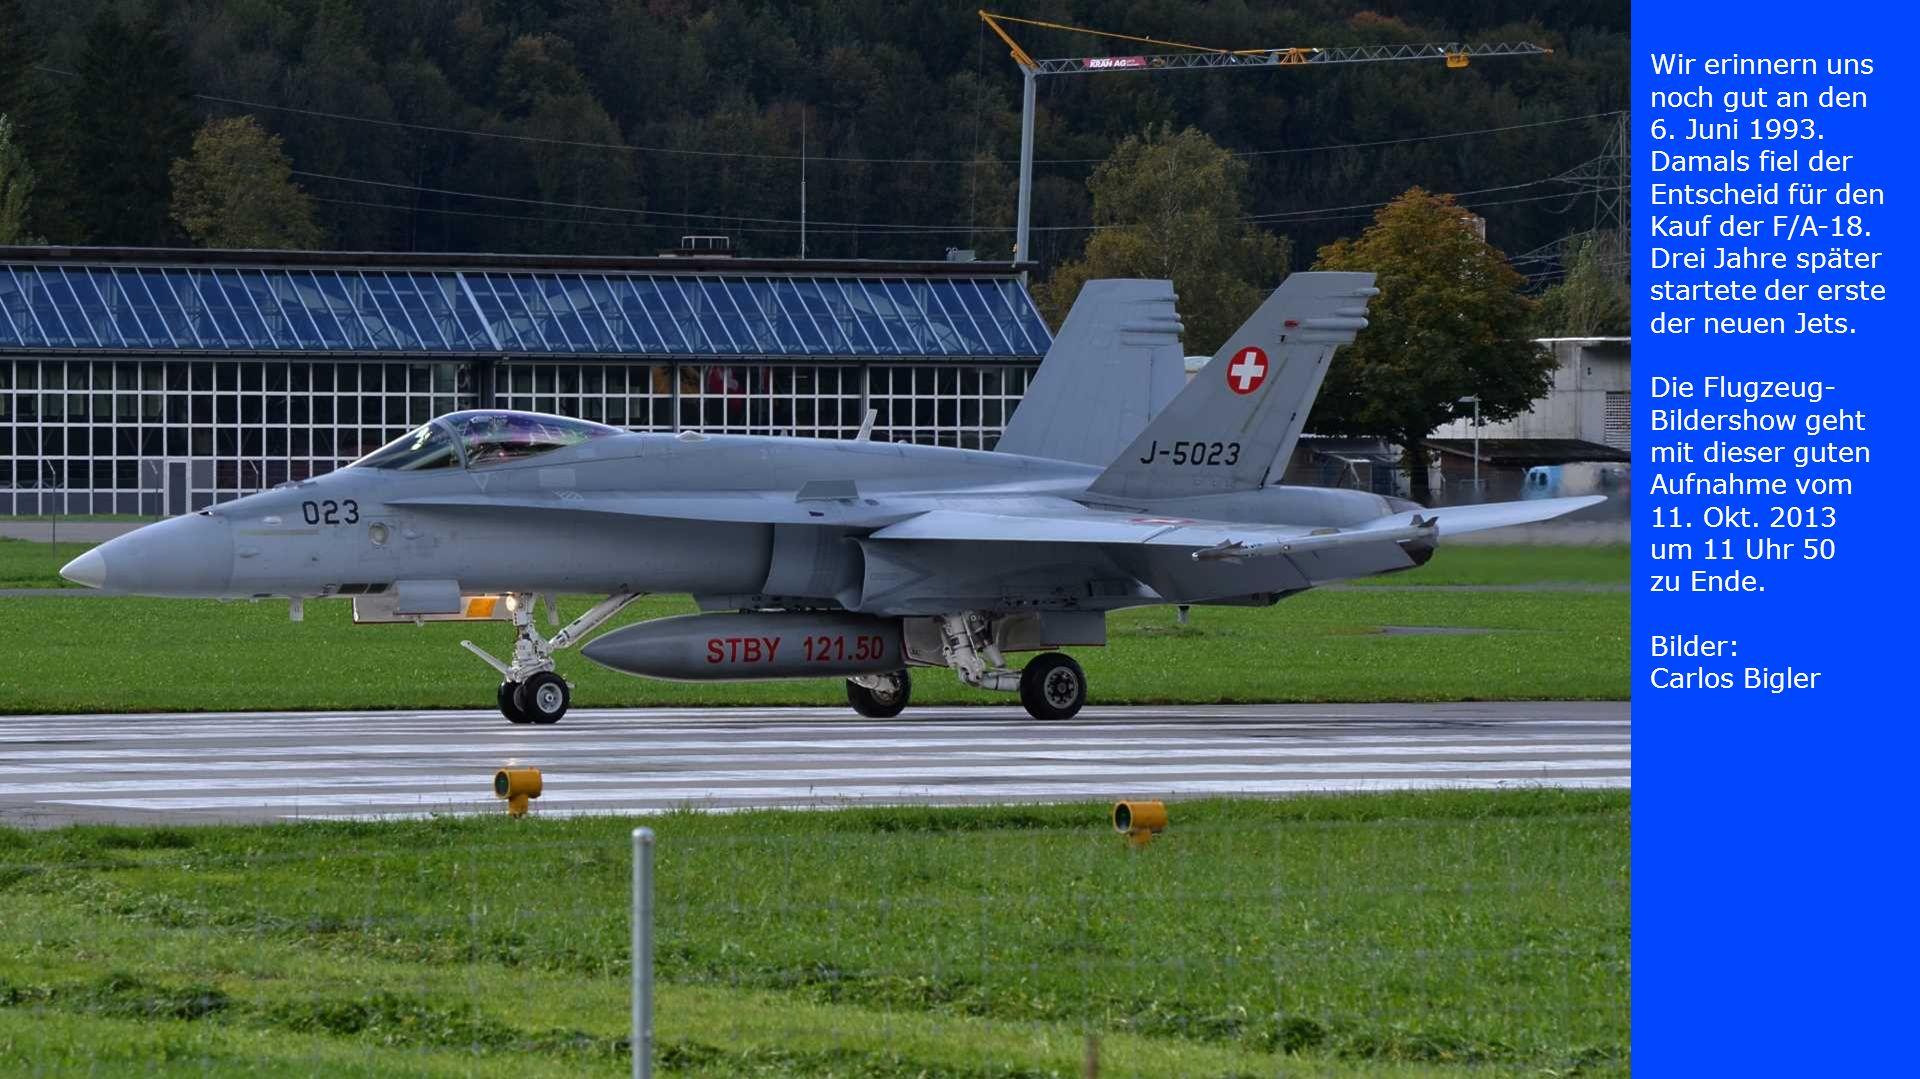 Wir erinnern uns noch gut an den 6. Juni 1993. Damals fiel der Entscheid für den Kauf der F/A-18. Drei Jahre später startete der erste der neuen Jets.